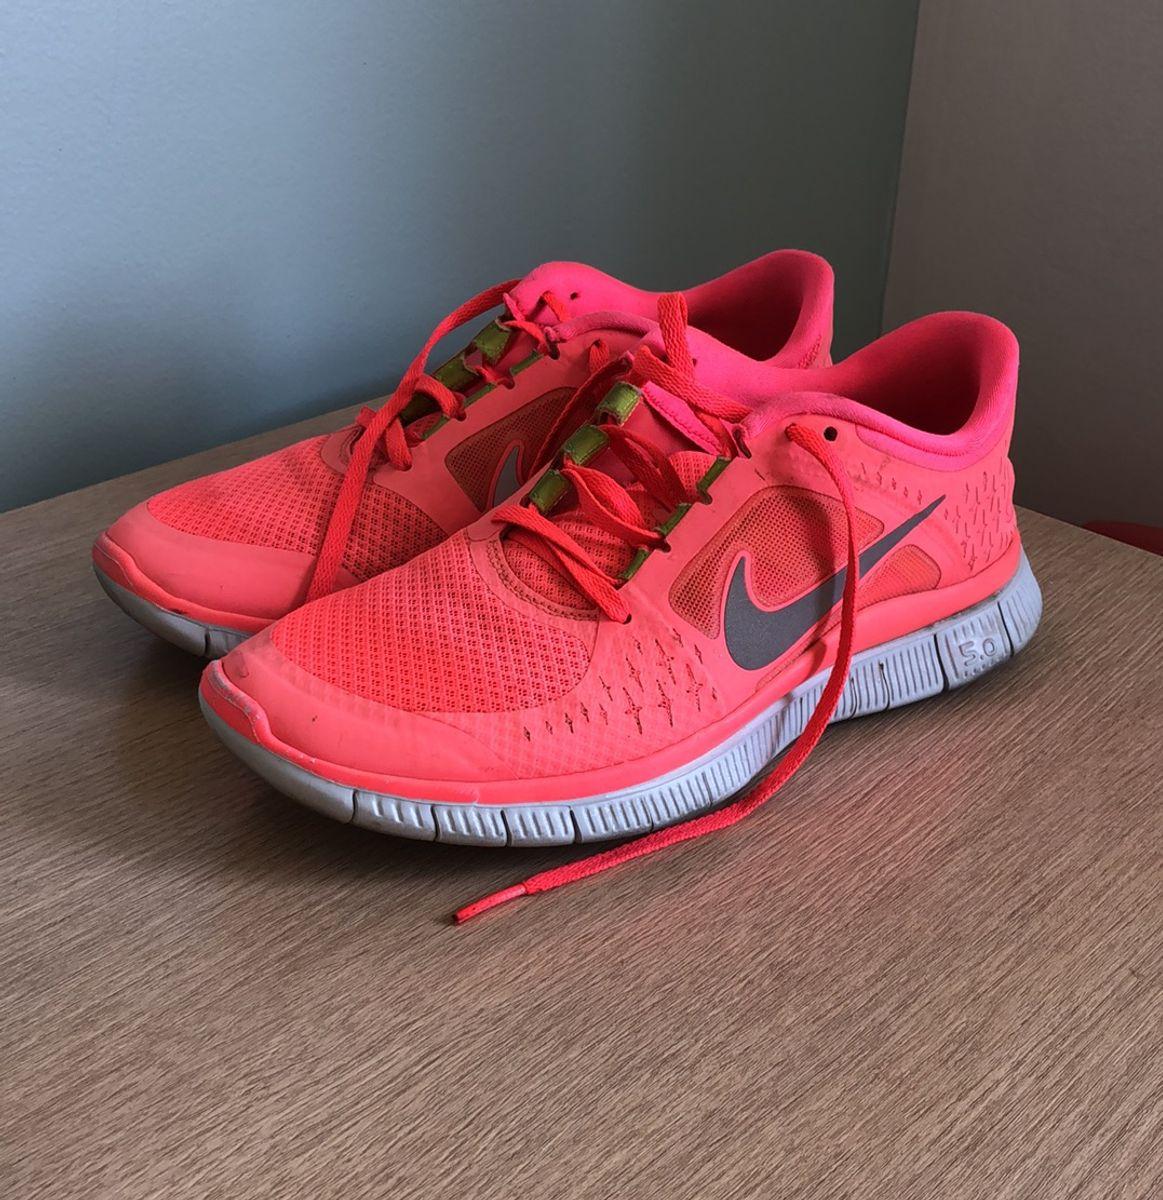 7234d03e501 tênis nike free run 3 neon rosa - tênis nike.  Czm6ly9wag90b3muzw5qb2vplmnvbs5ici9wcm9kdwn0cy8xnza5odavmji1zmzlmmy0nmqwzwvlmjlly2zlzdu0zja0yta1zjeuanbn  ...